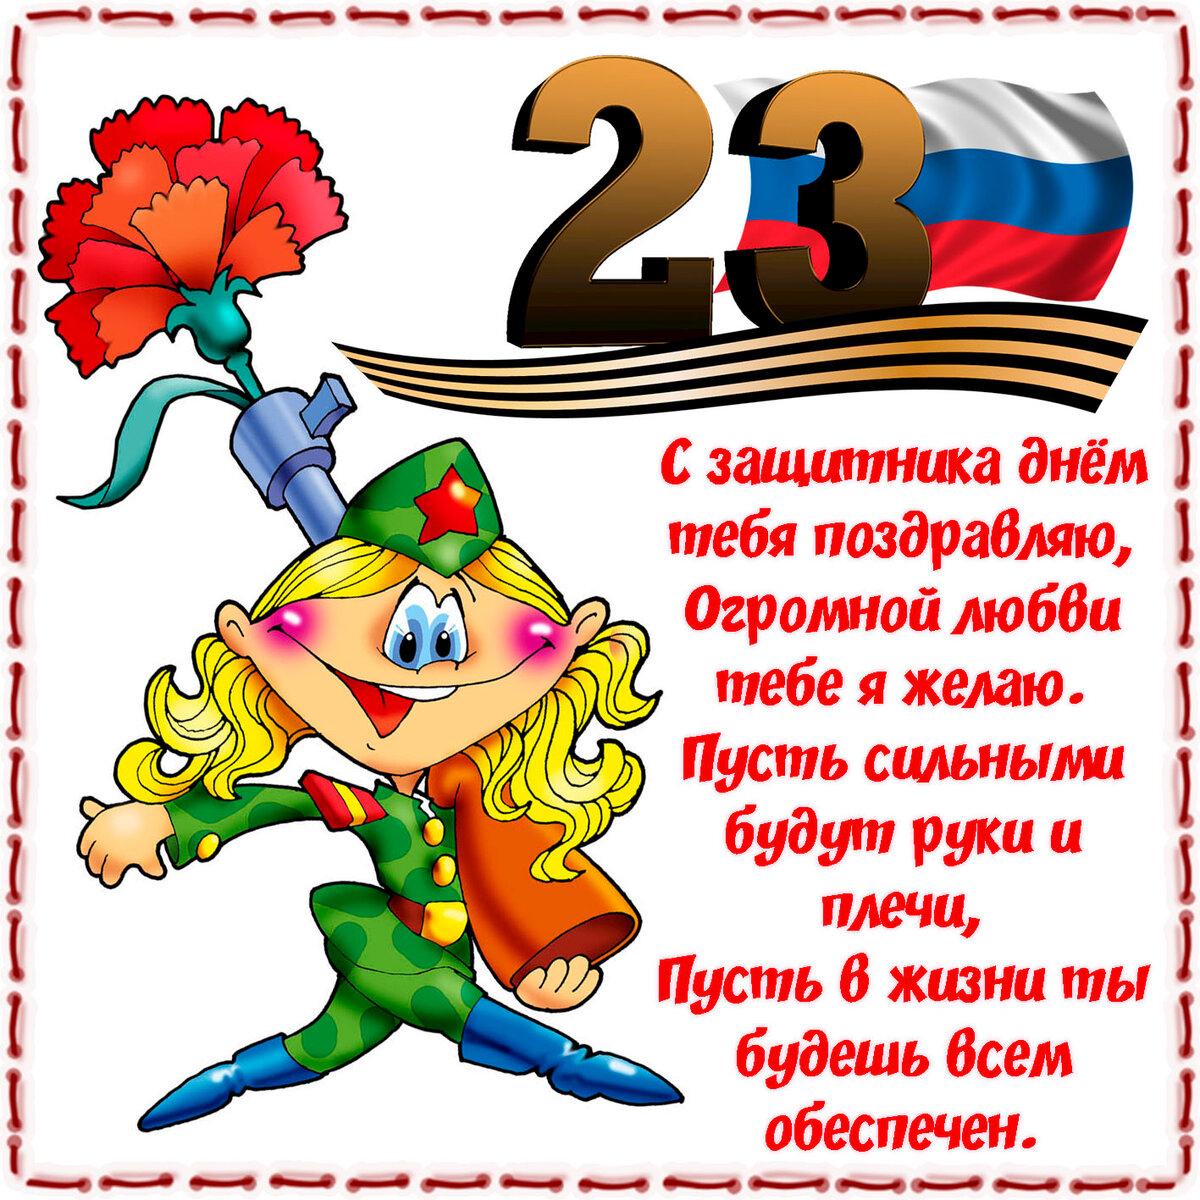 Поздравления к 23 военнослужащим